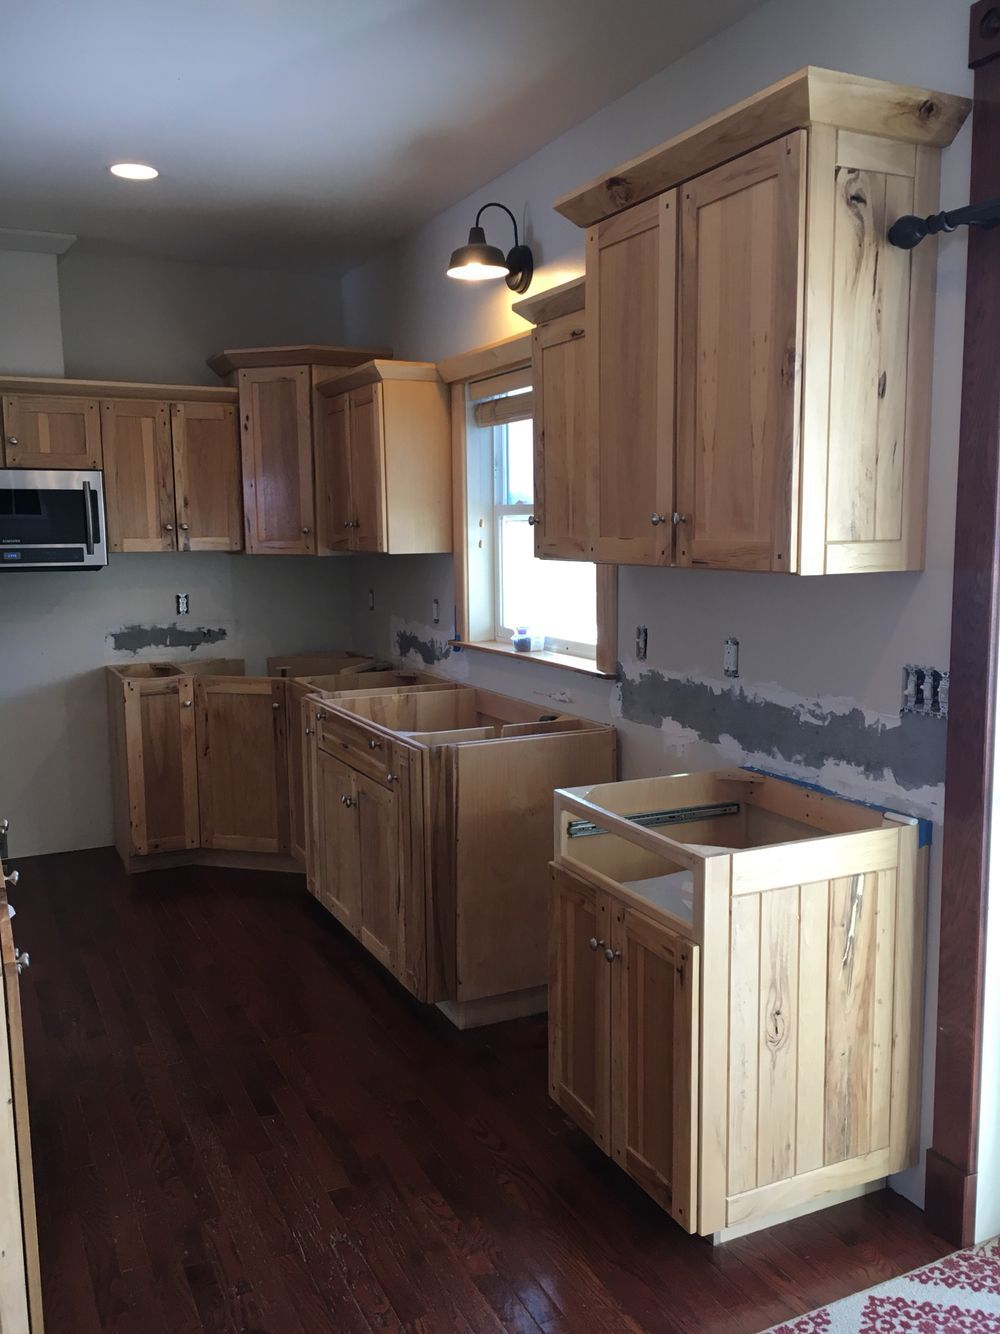 Kitchen Reno Hickory Cabinets Muebles De Cocina Rusticos Hacer Muebles De Cocina